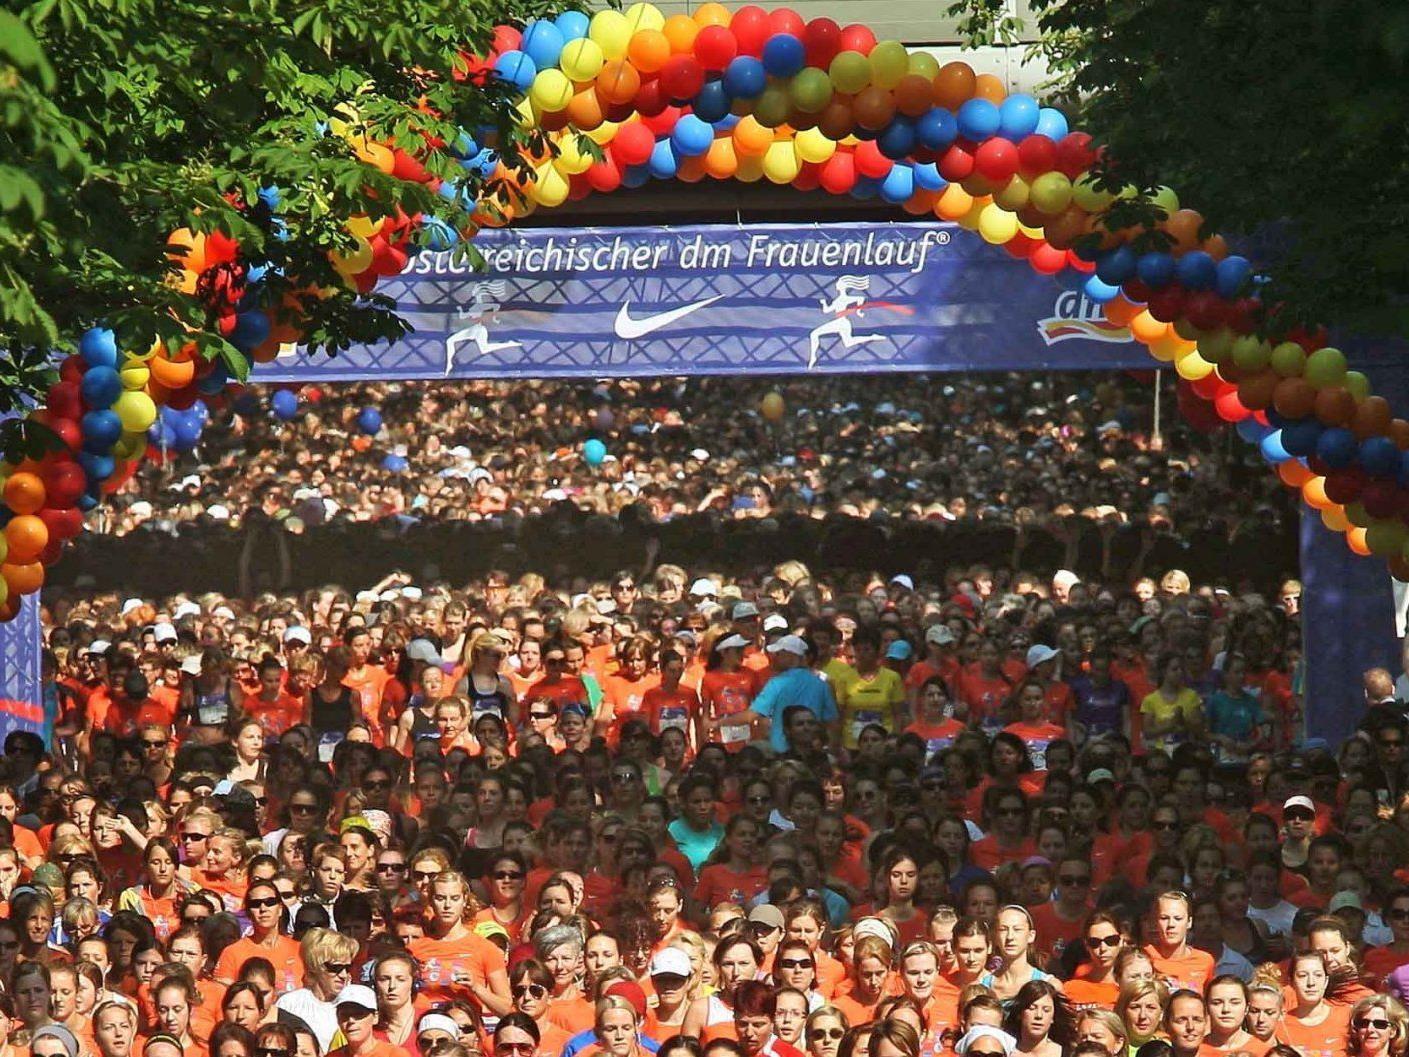 Ab sofort ist die Anmeldung für den Österreichischen Frauenlauf 2012 möglich.